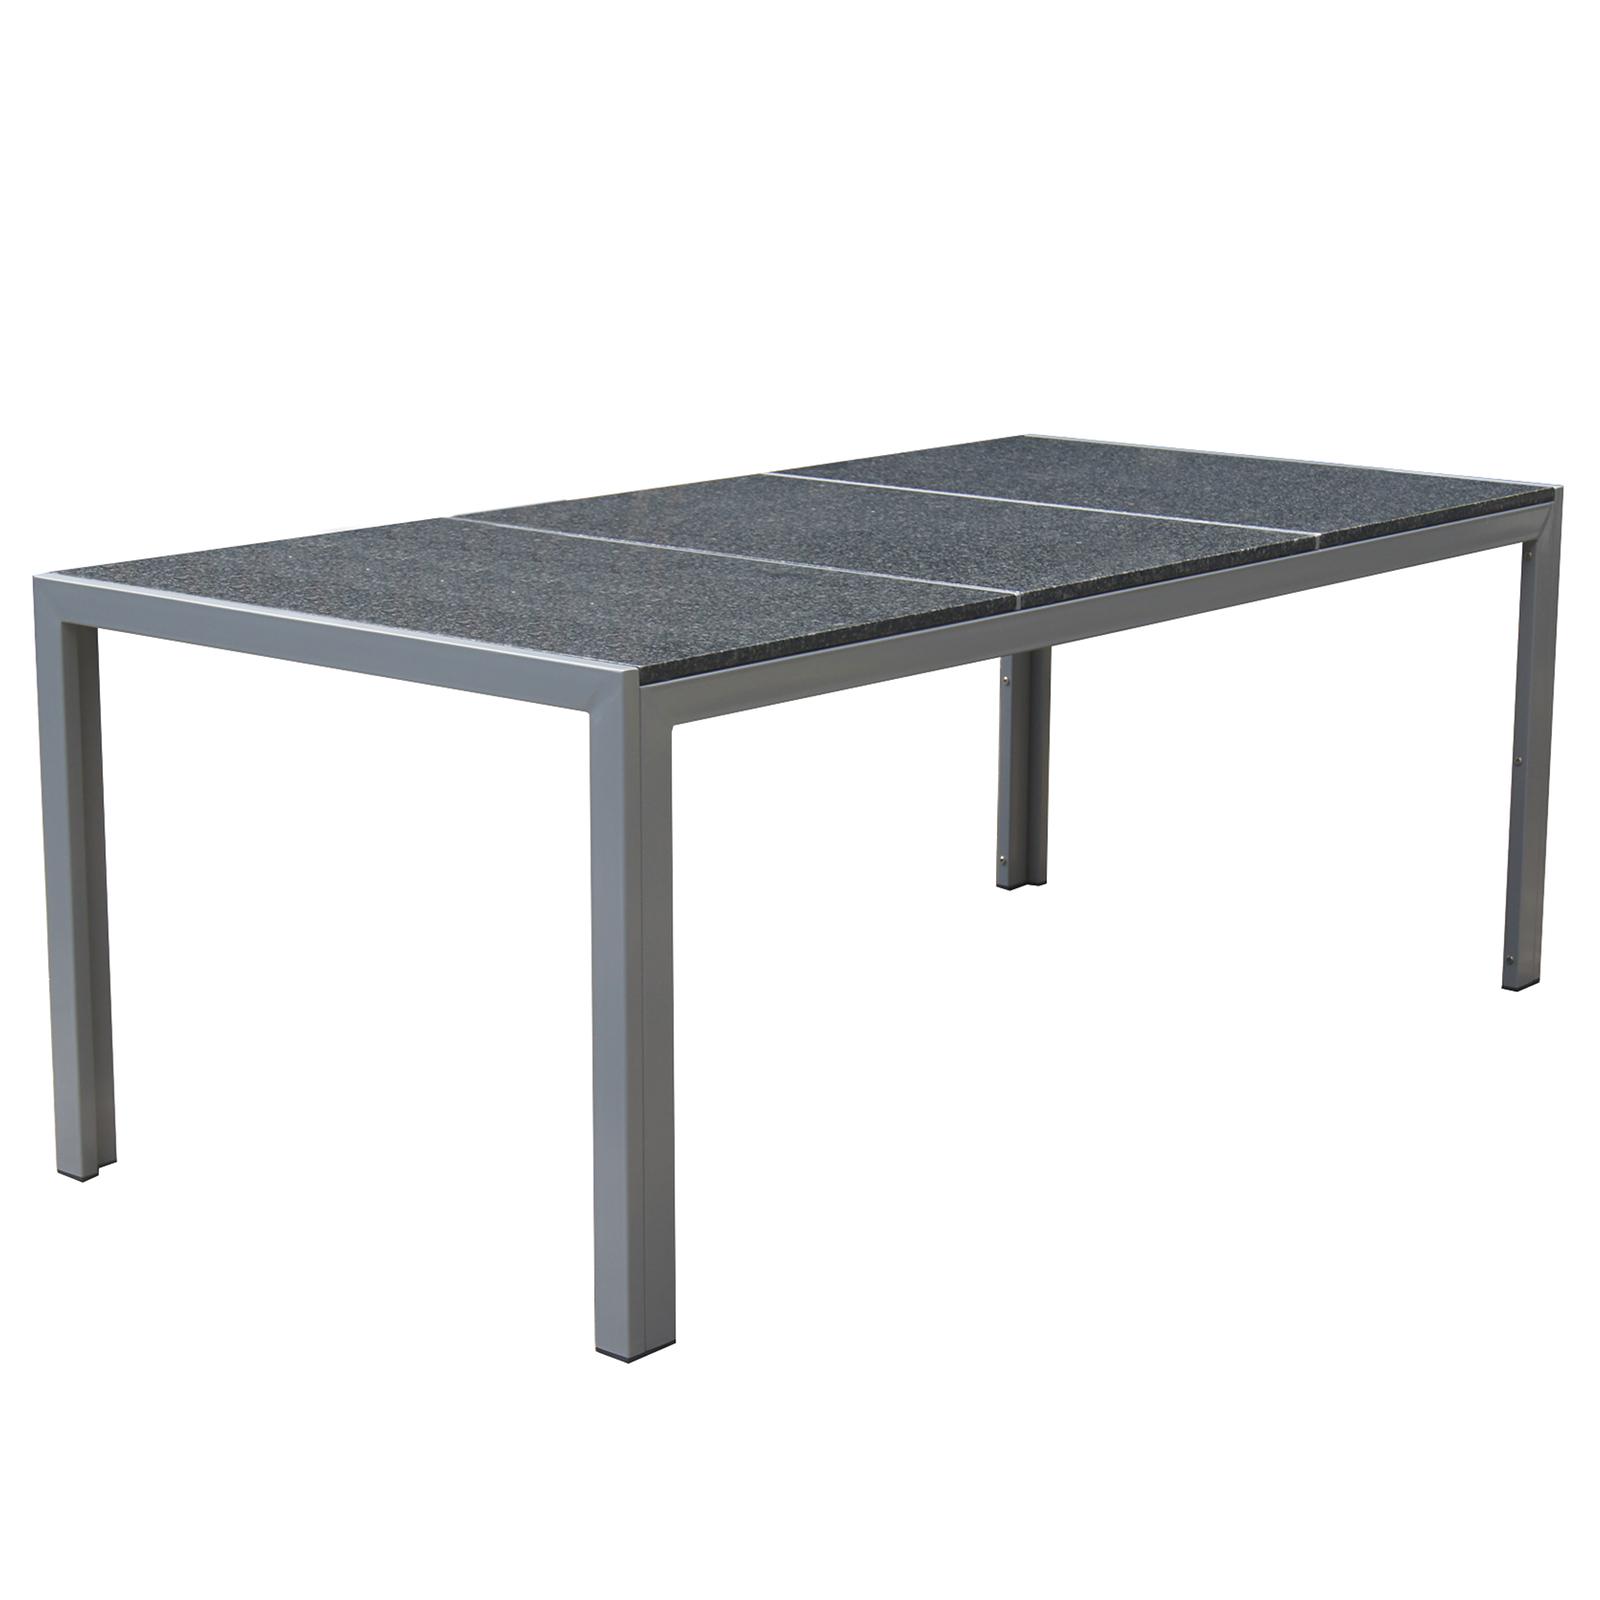 Granit Tischplatte Gartentisch Gartenmöbel Outdoor Esstisch